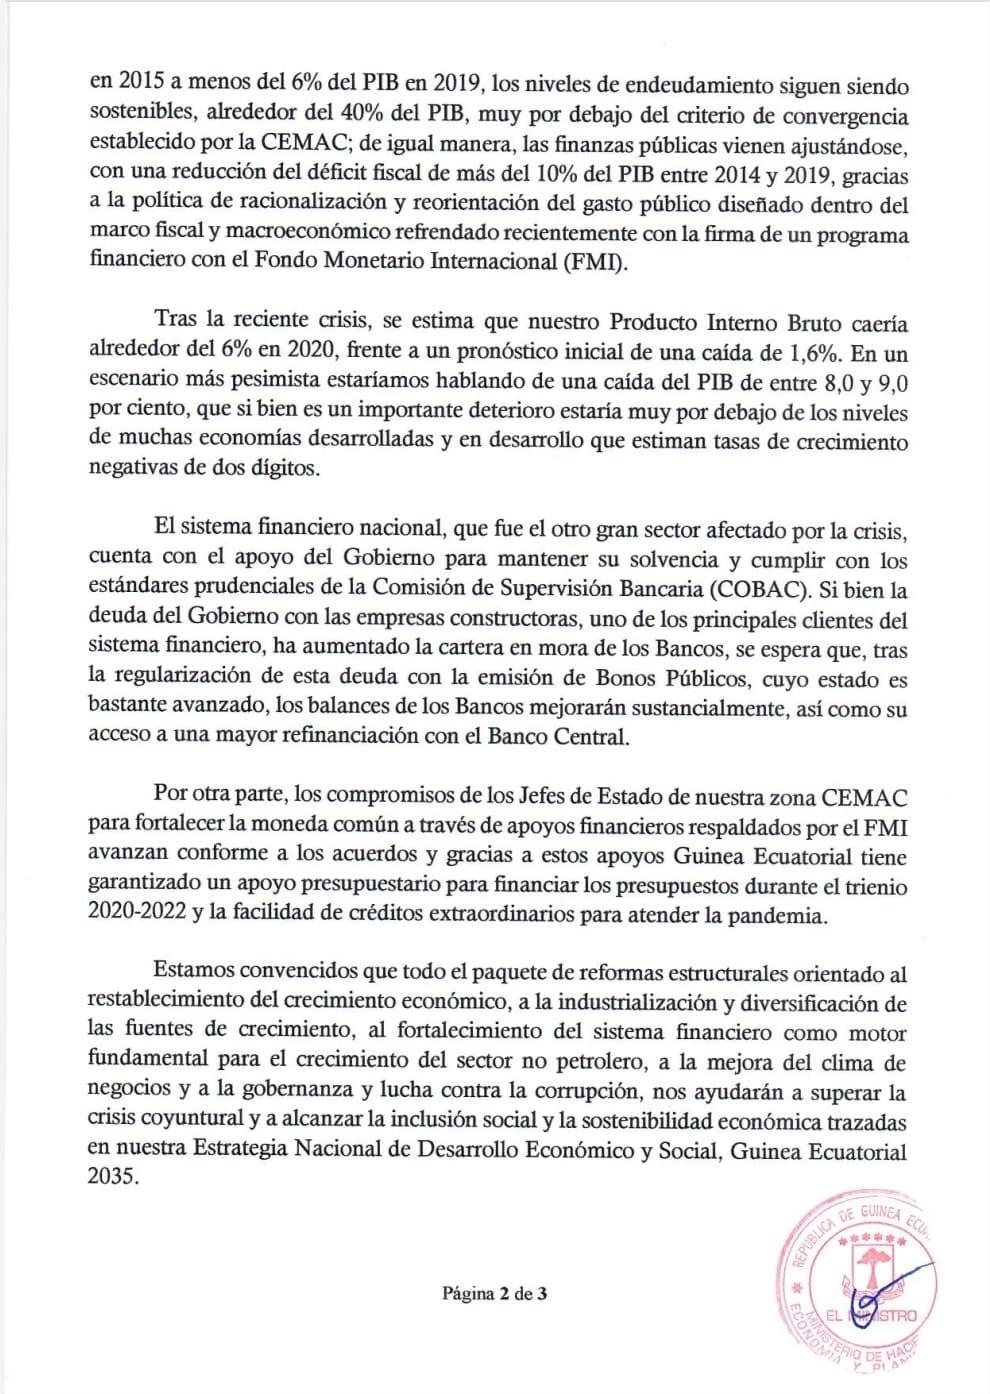 COMUNICADO DE PRENSA: Ministerio de Hacienda, Economía y Planificación